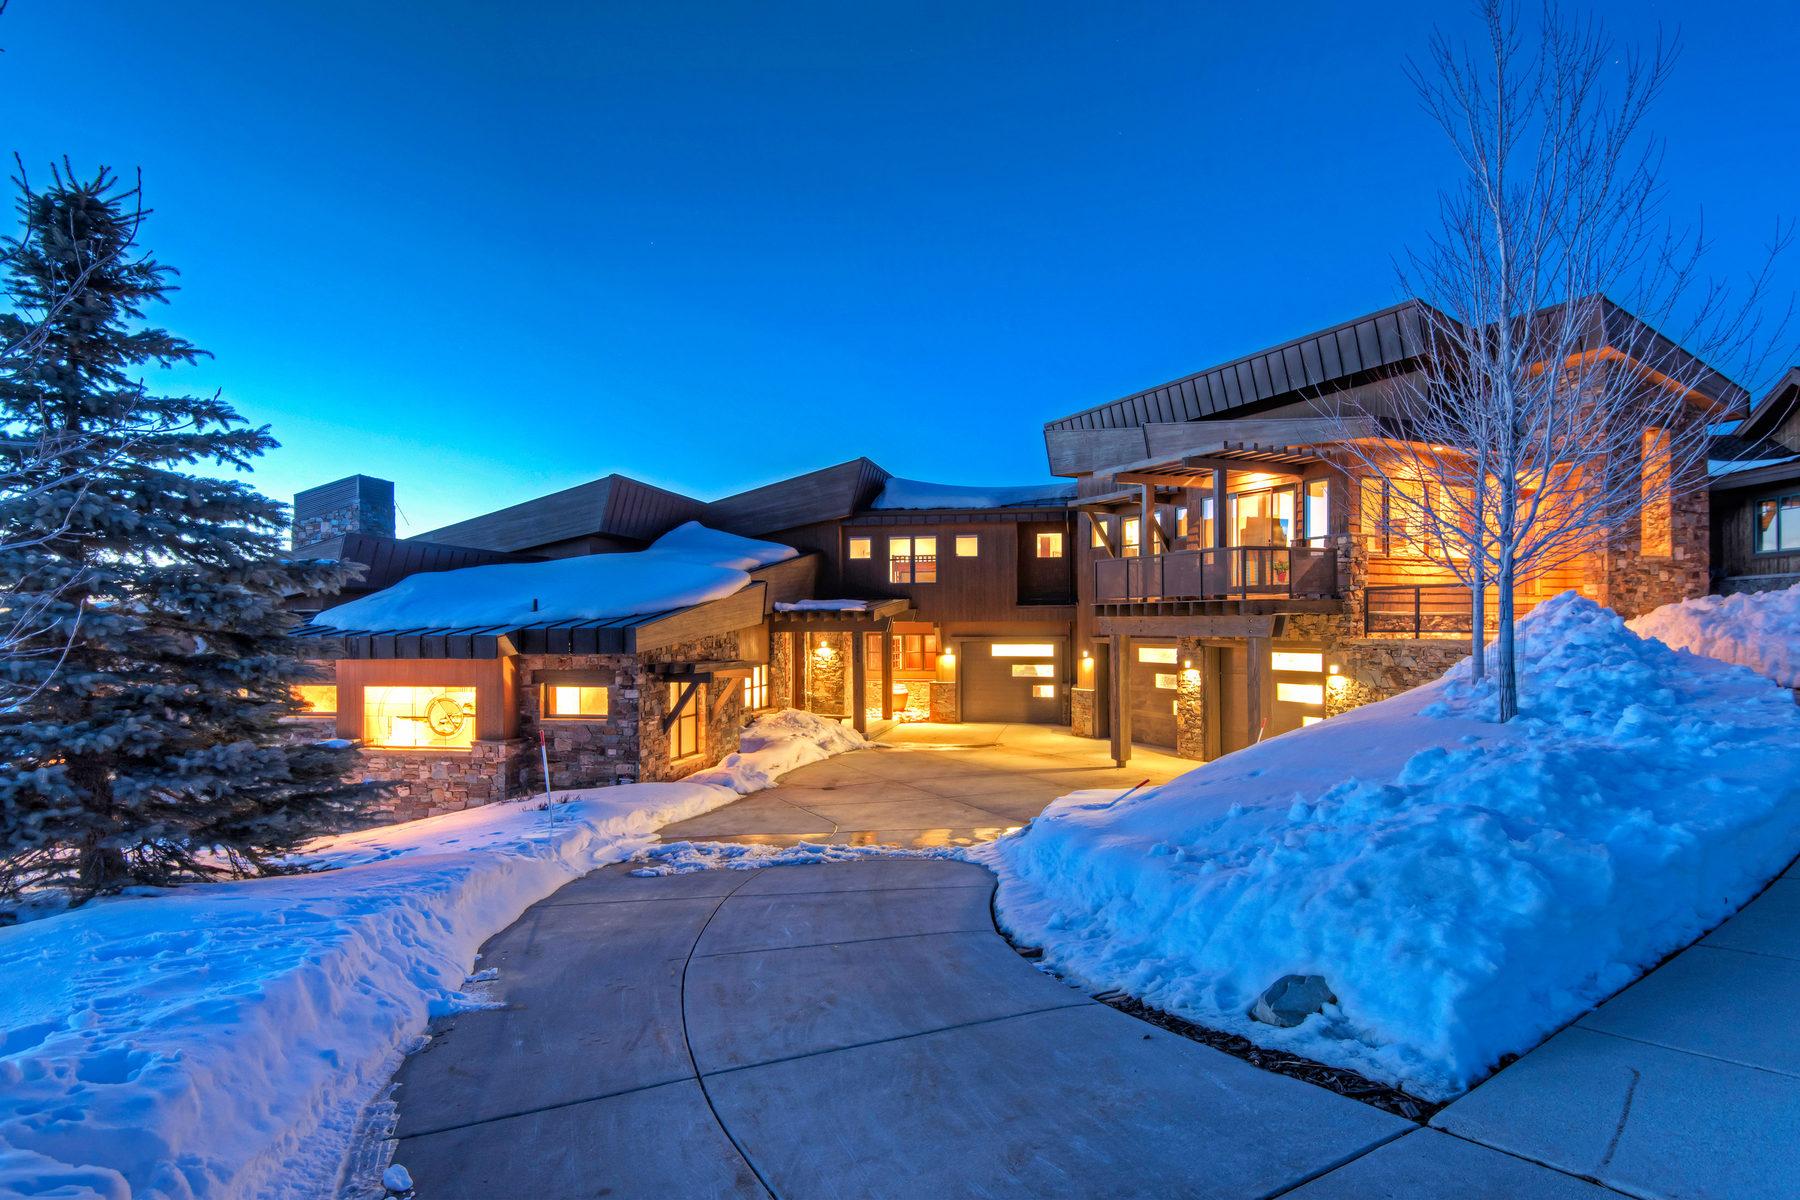 Частный односемейный дом для того Продажа на Painted Sky Views 7625 Outpost Way Park City, Юта, 84098 Соединенные Штаты